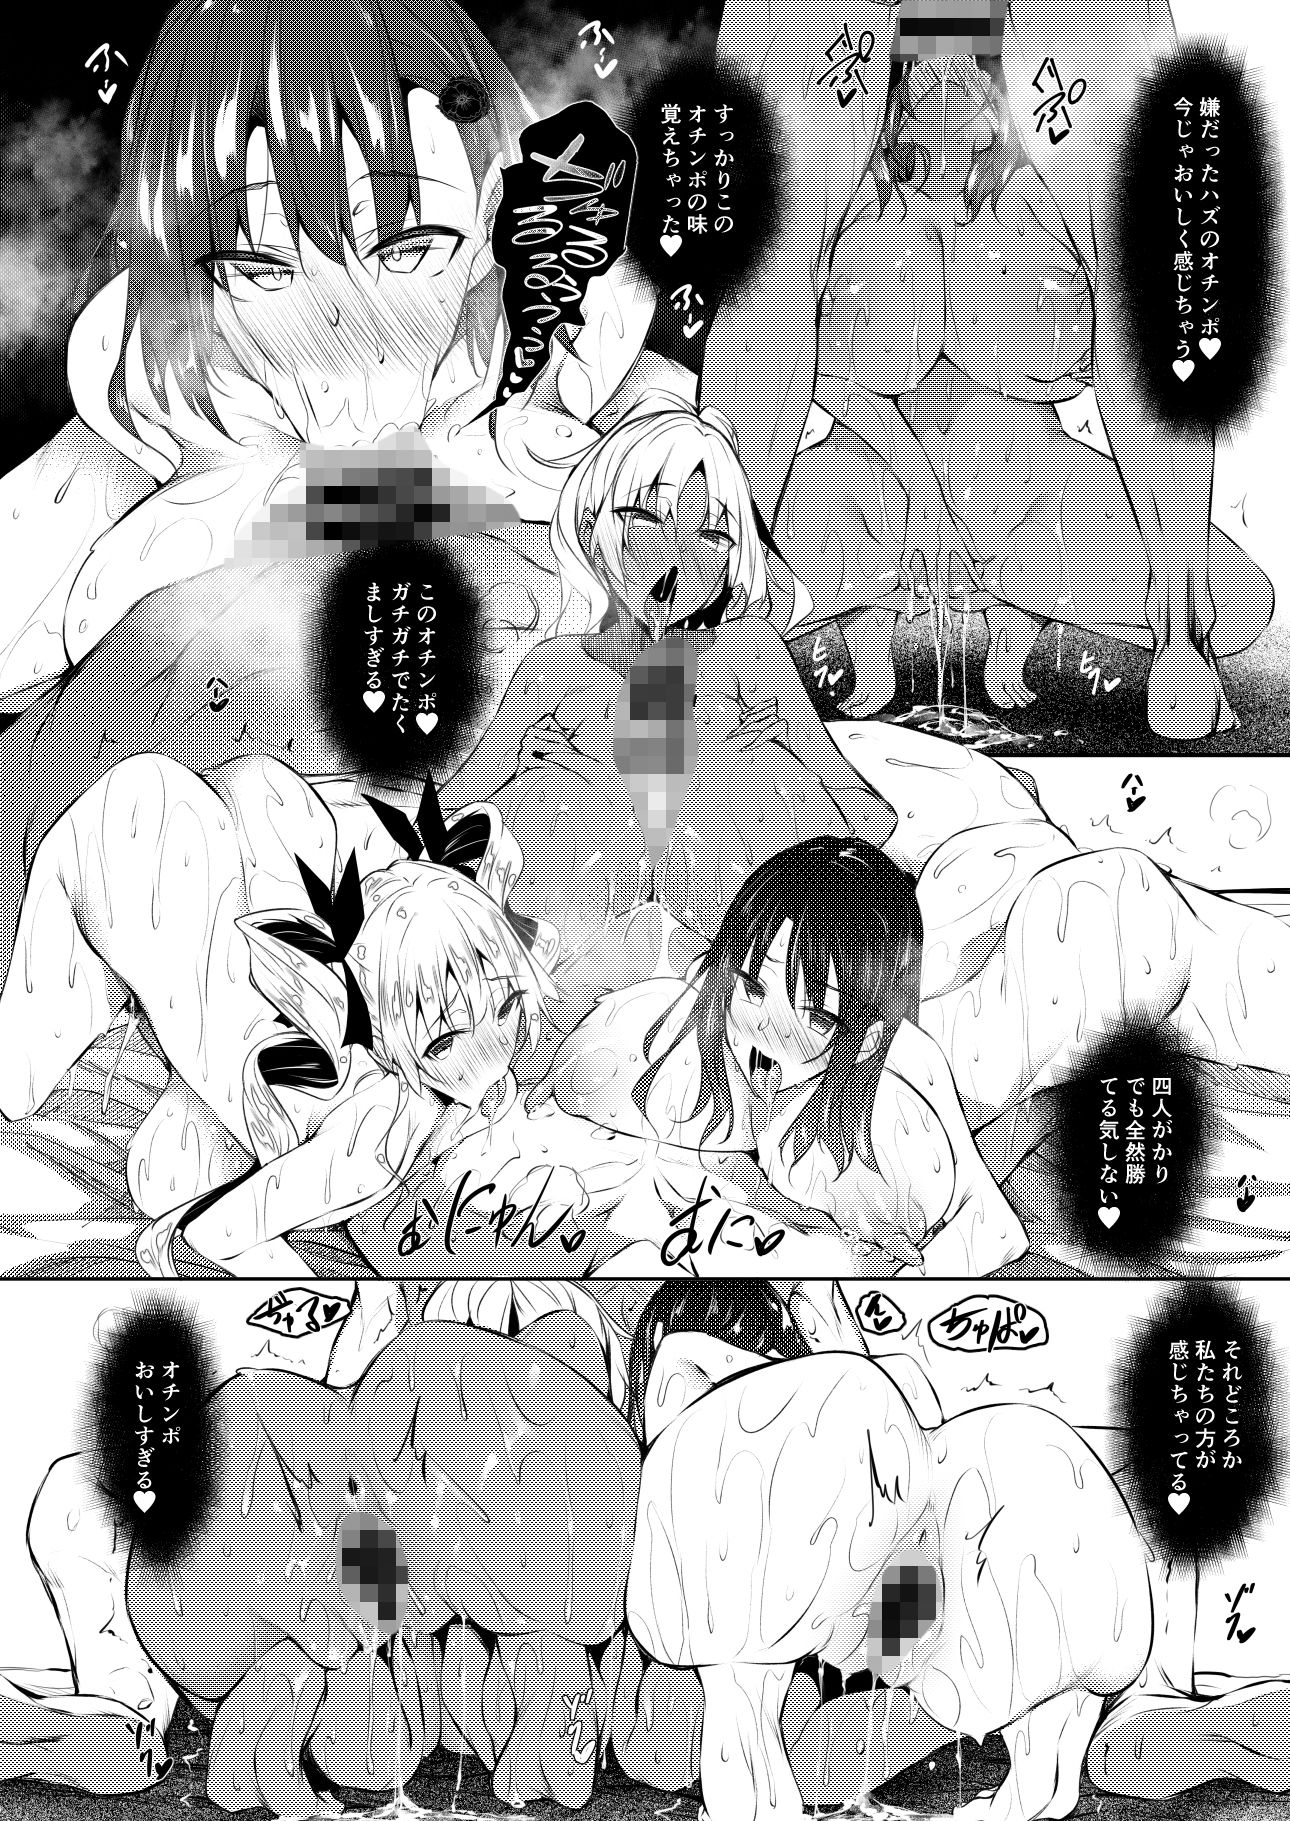 【エロ漫画無料大全集】【ハーレムえろまんが】爆乳娘達を快楽堕ちさせるハーレムプレイがエロ過ぎてヤバいwww